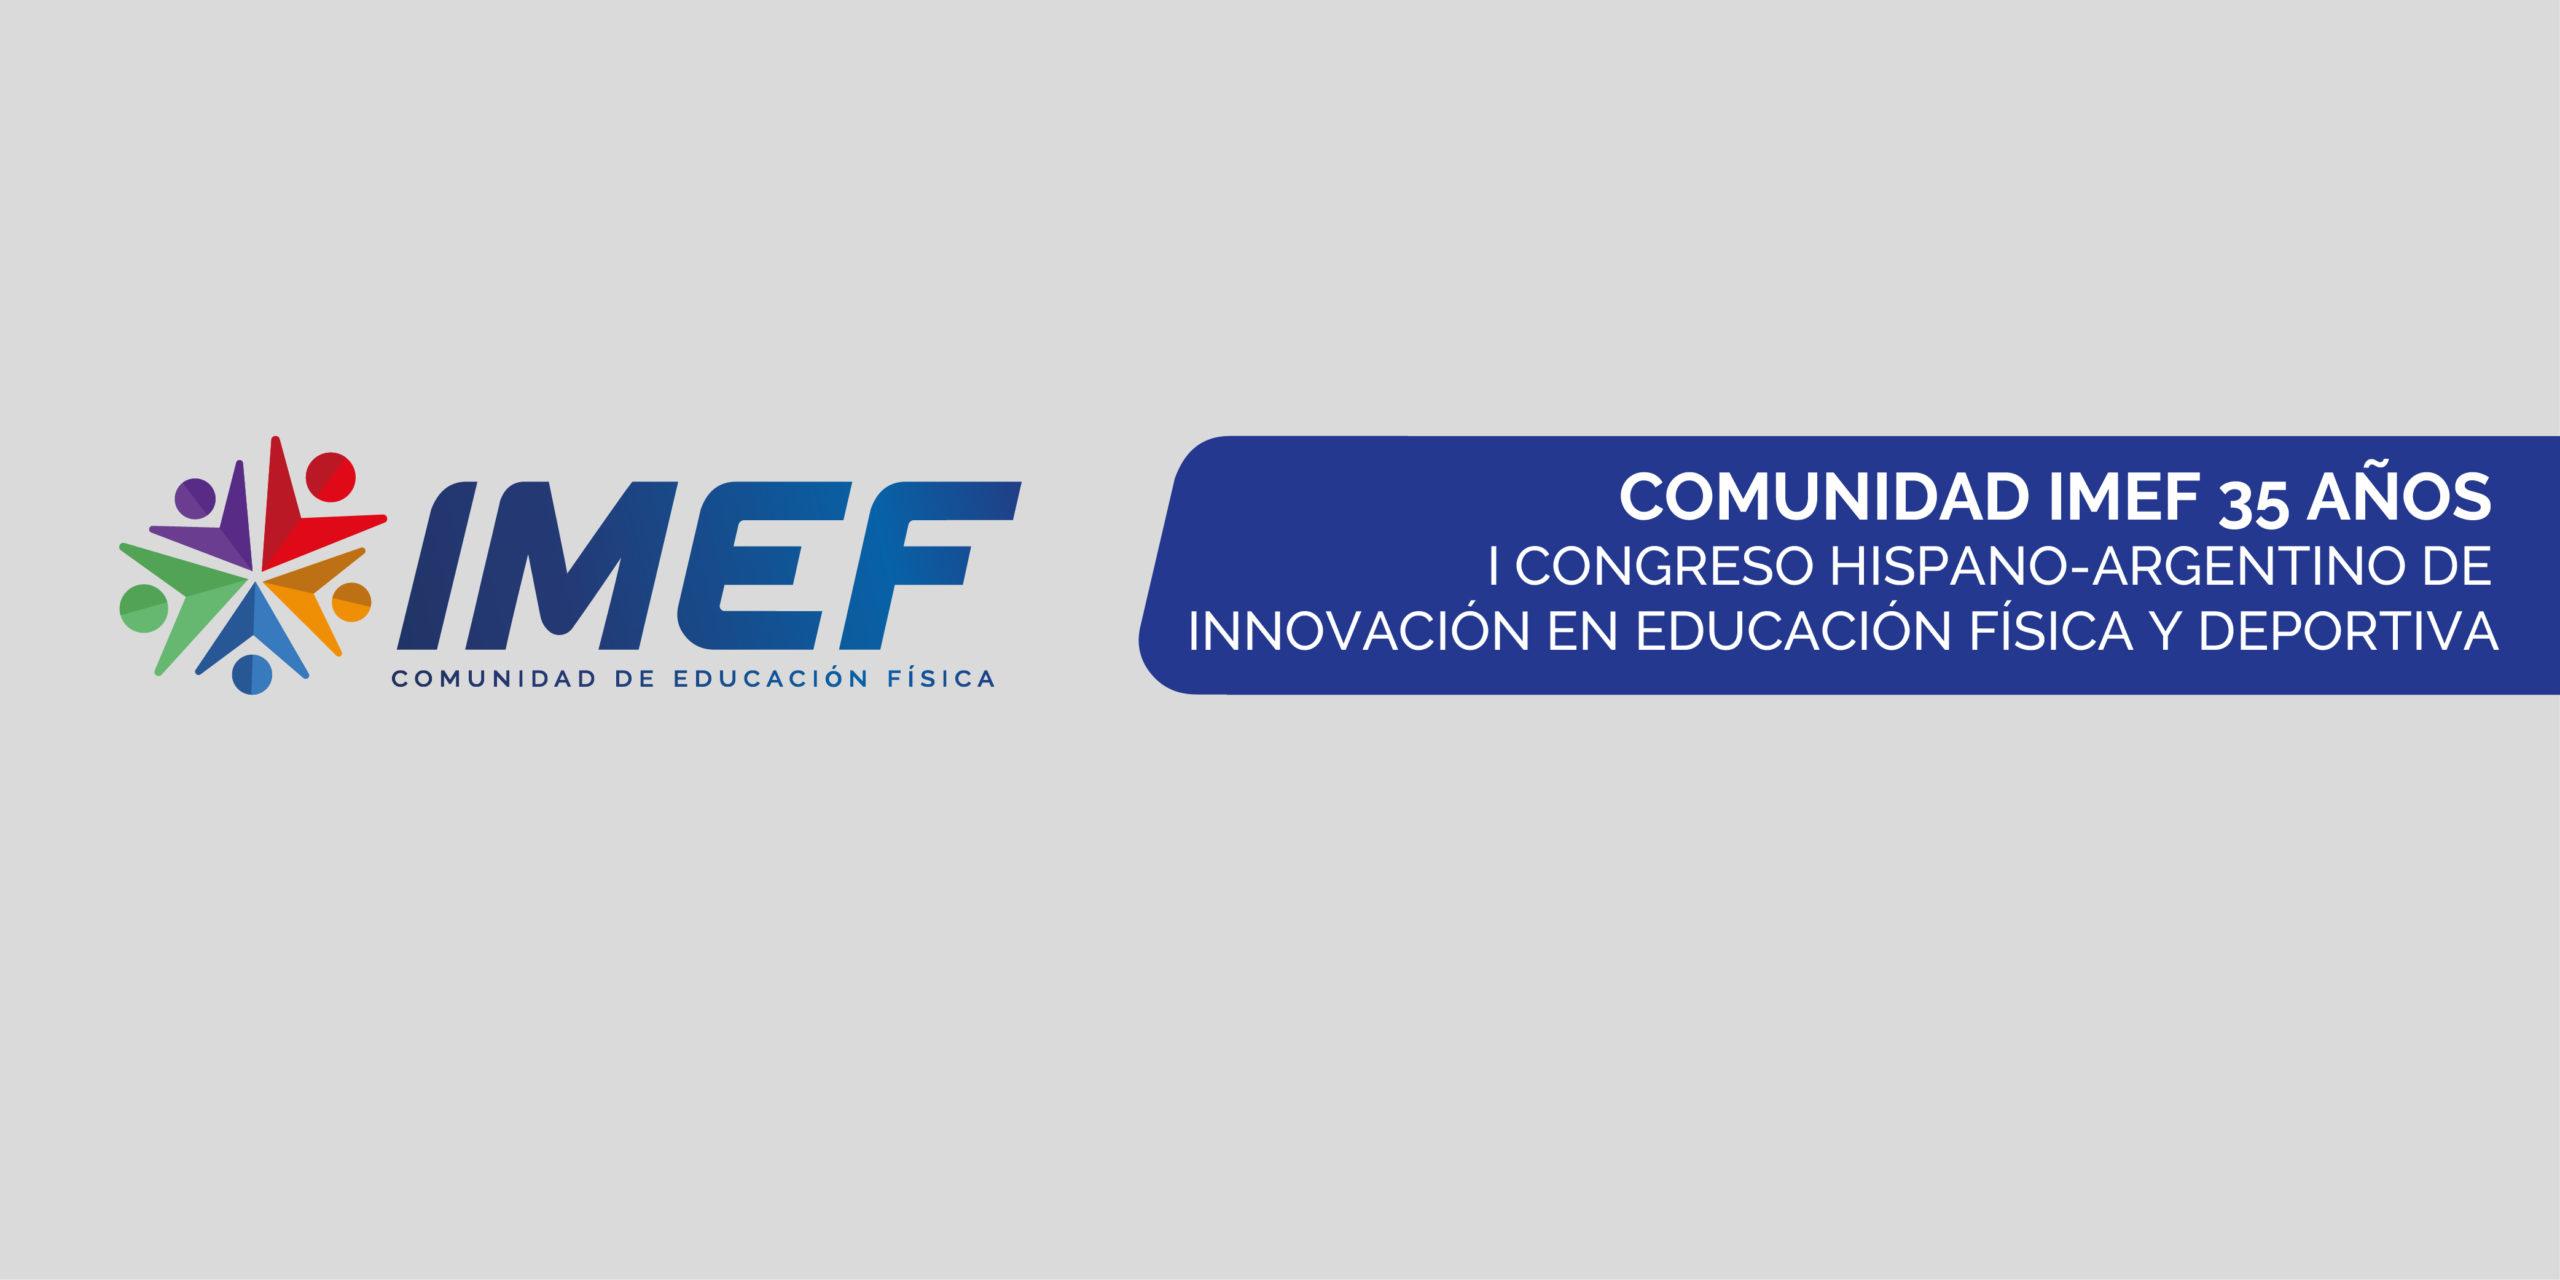 Se realizó con éxito el Primer Congreso Hispano-Argentino de Innovación en Educación Física y Deportiva